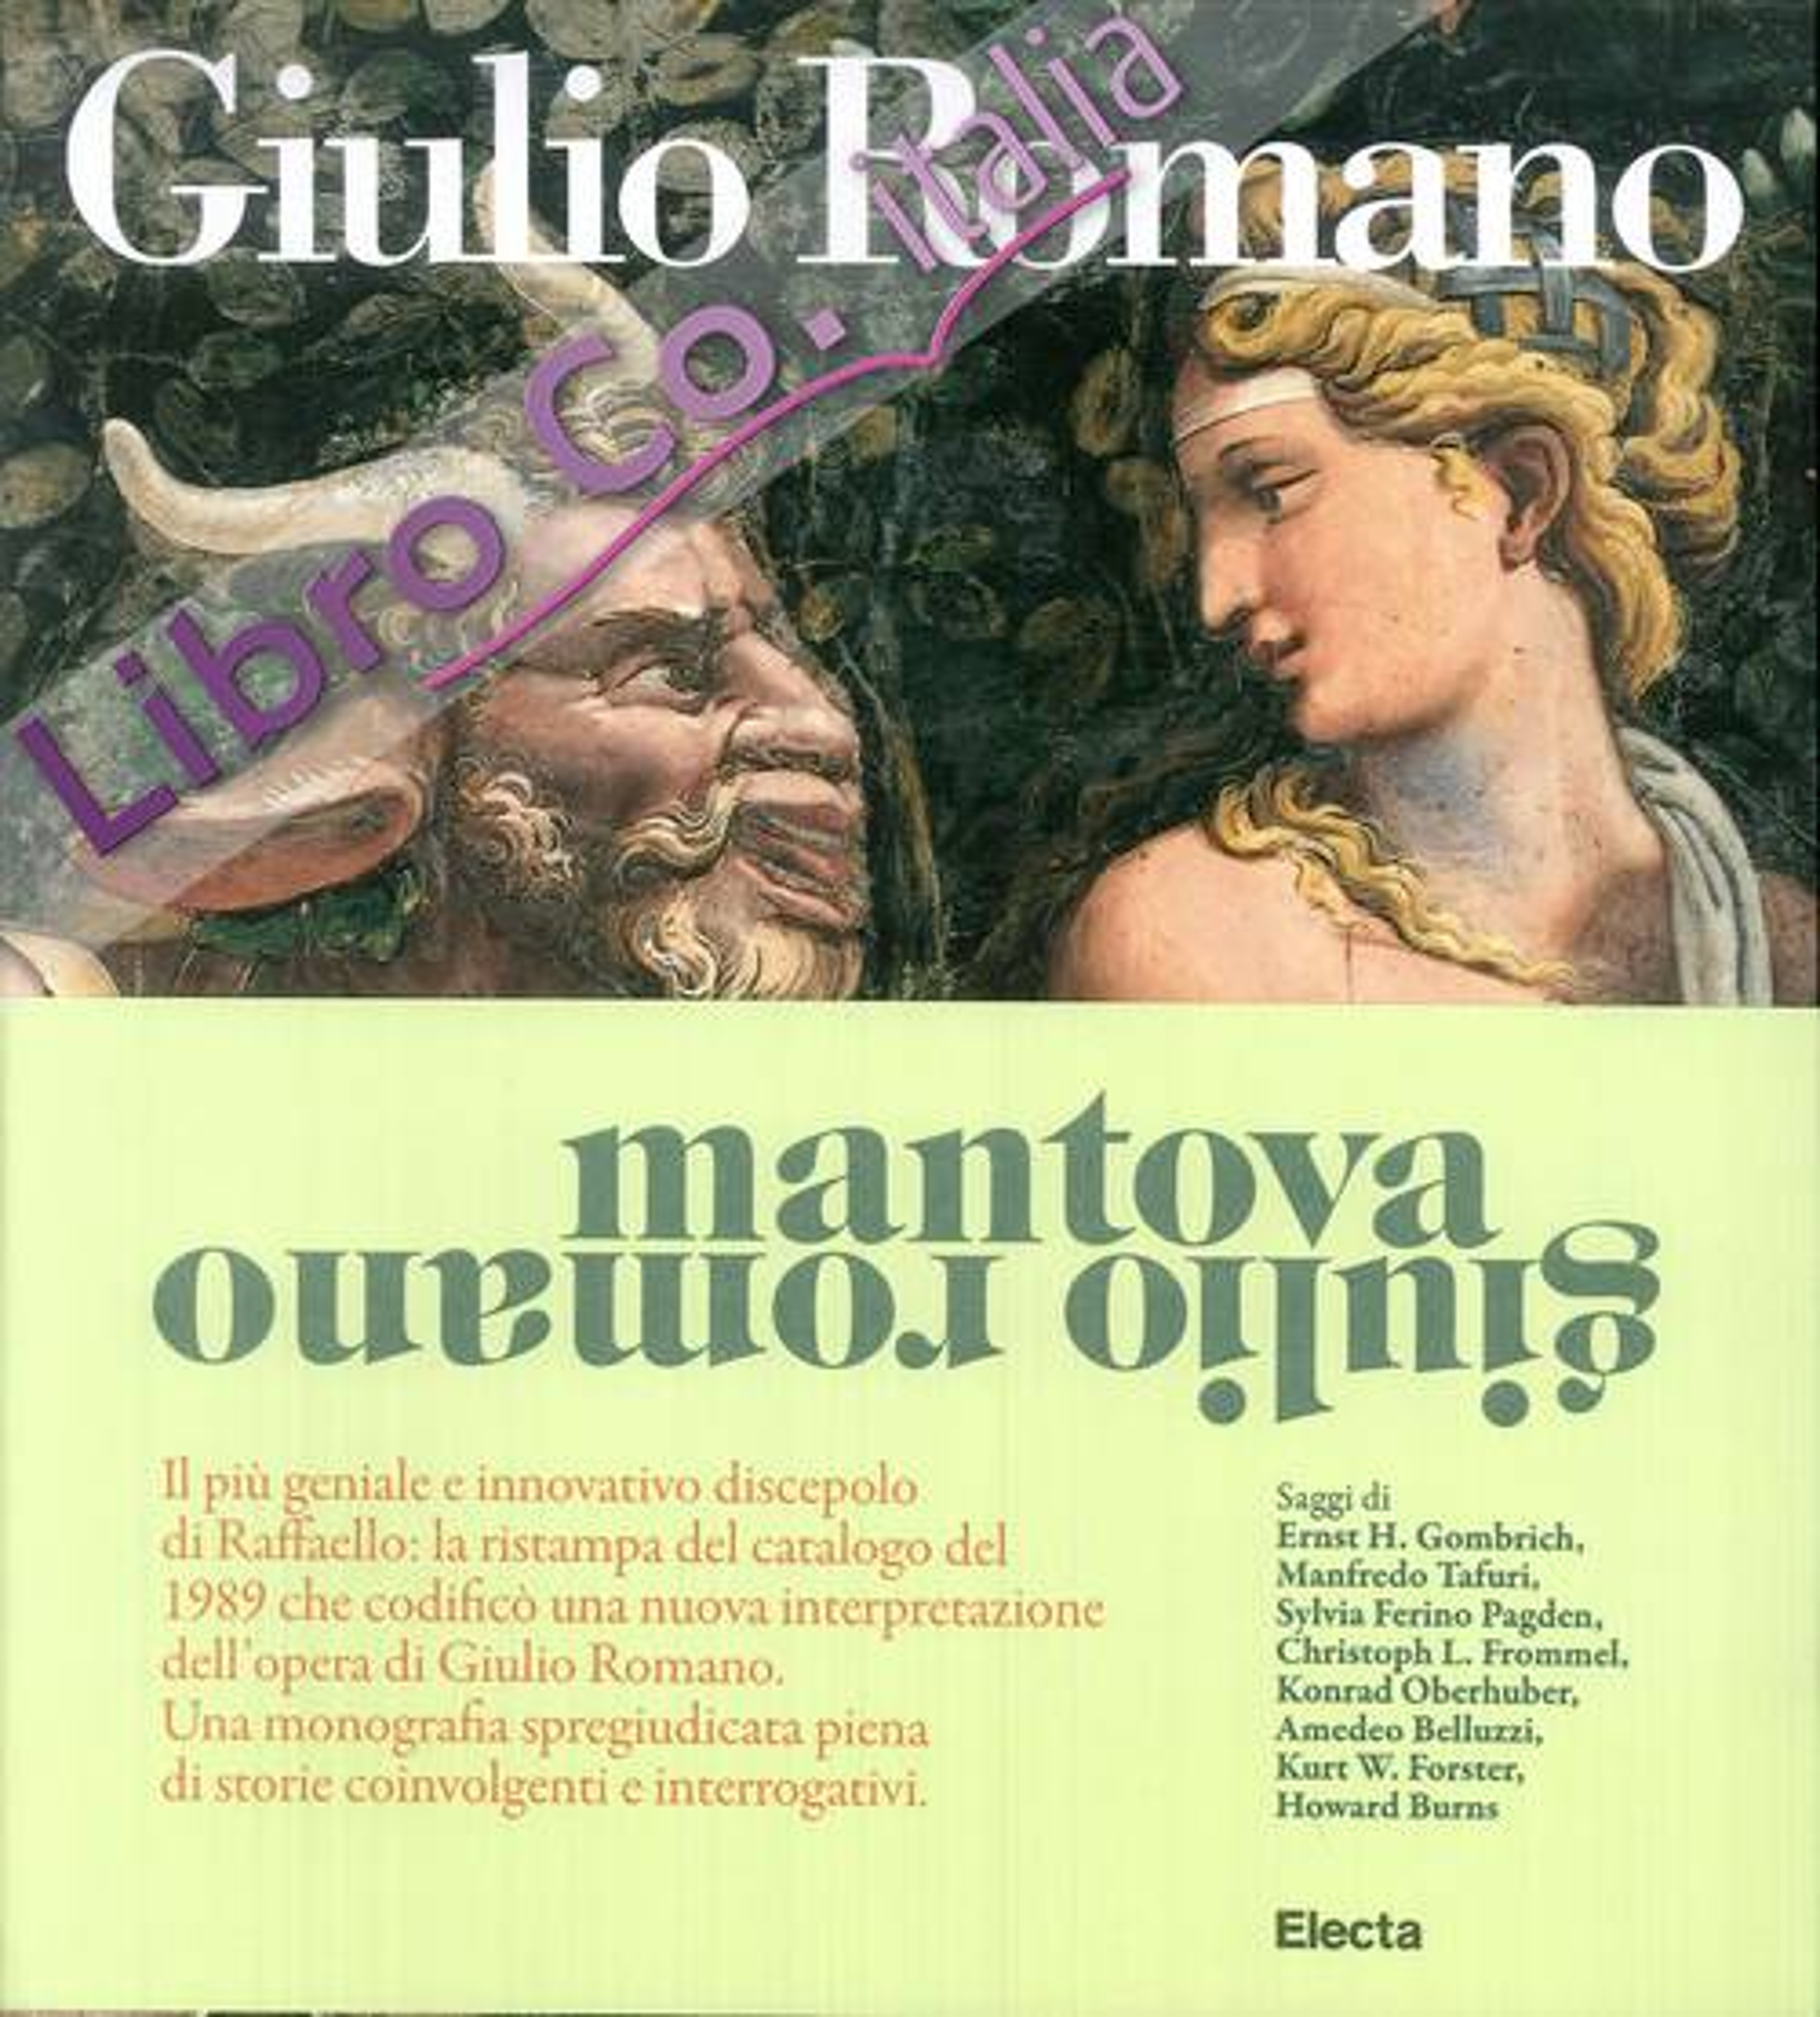 Giulio Romano